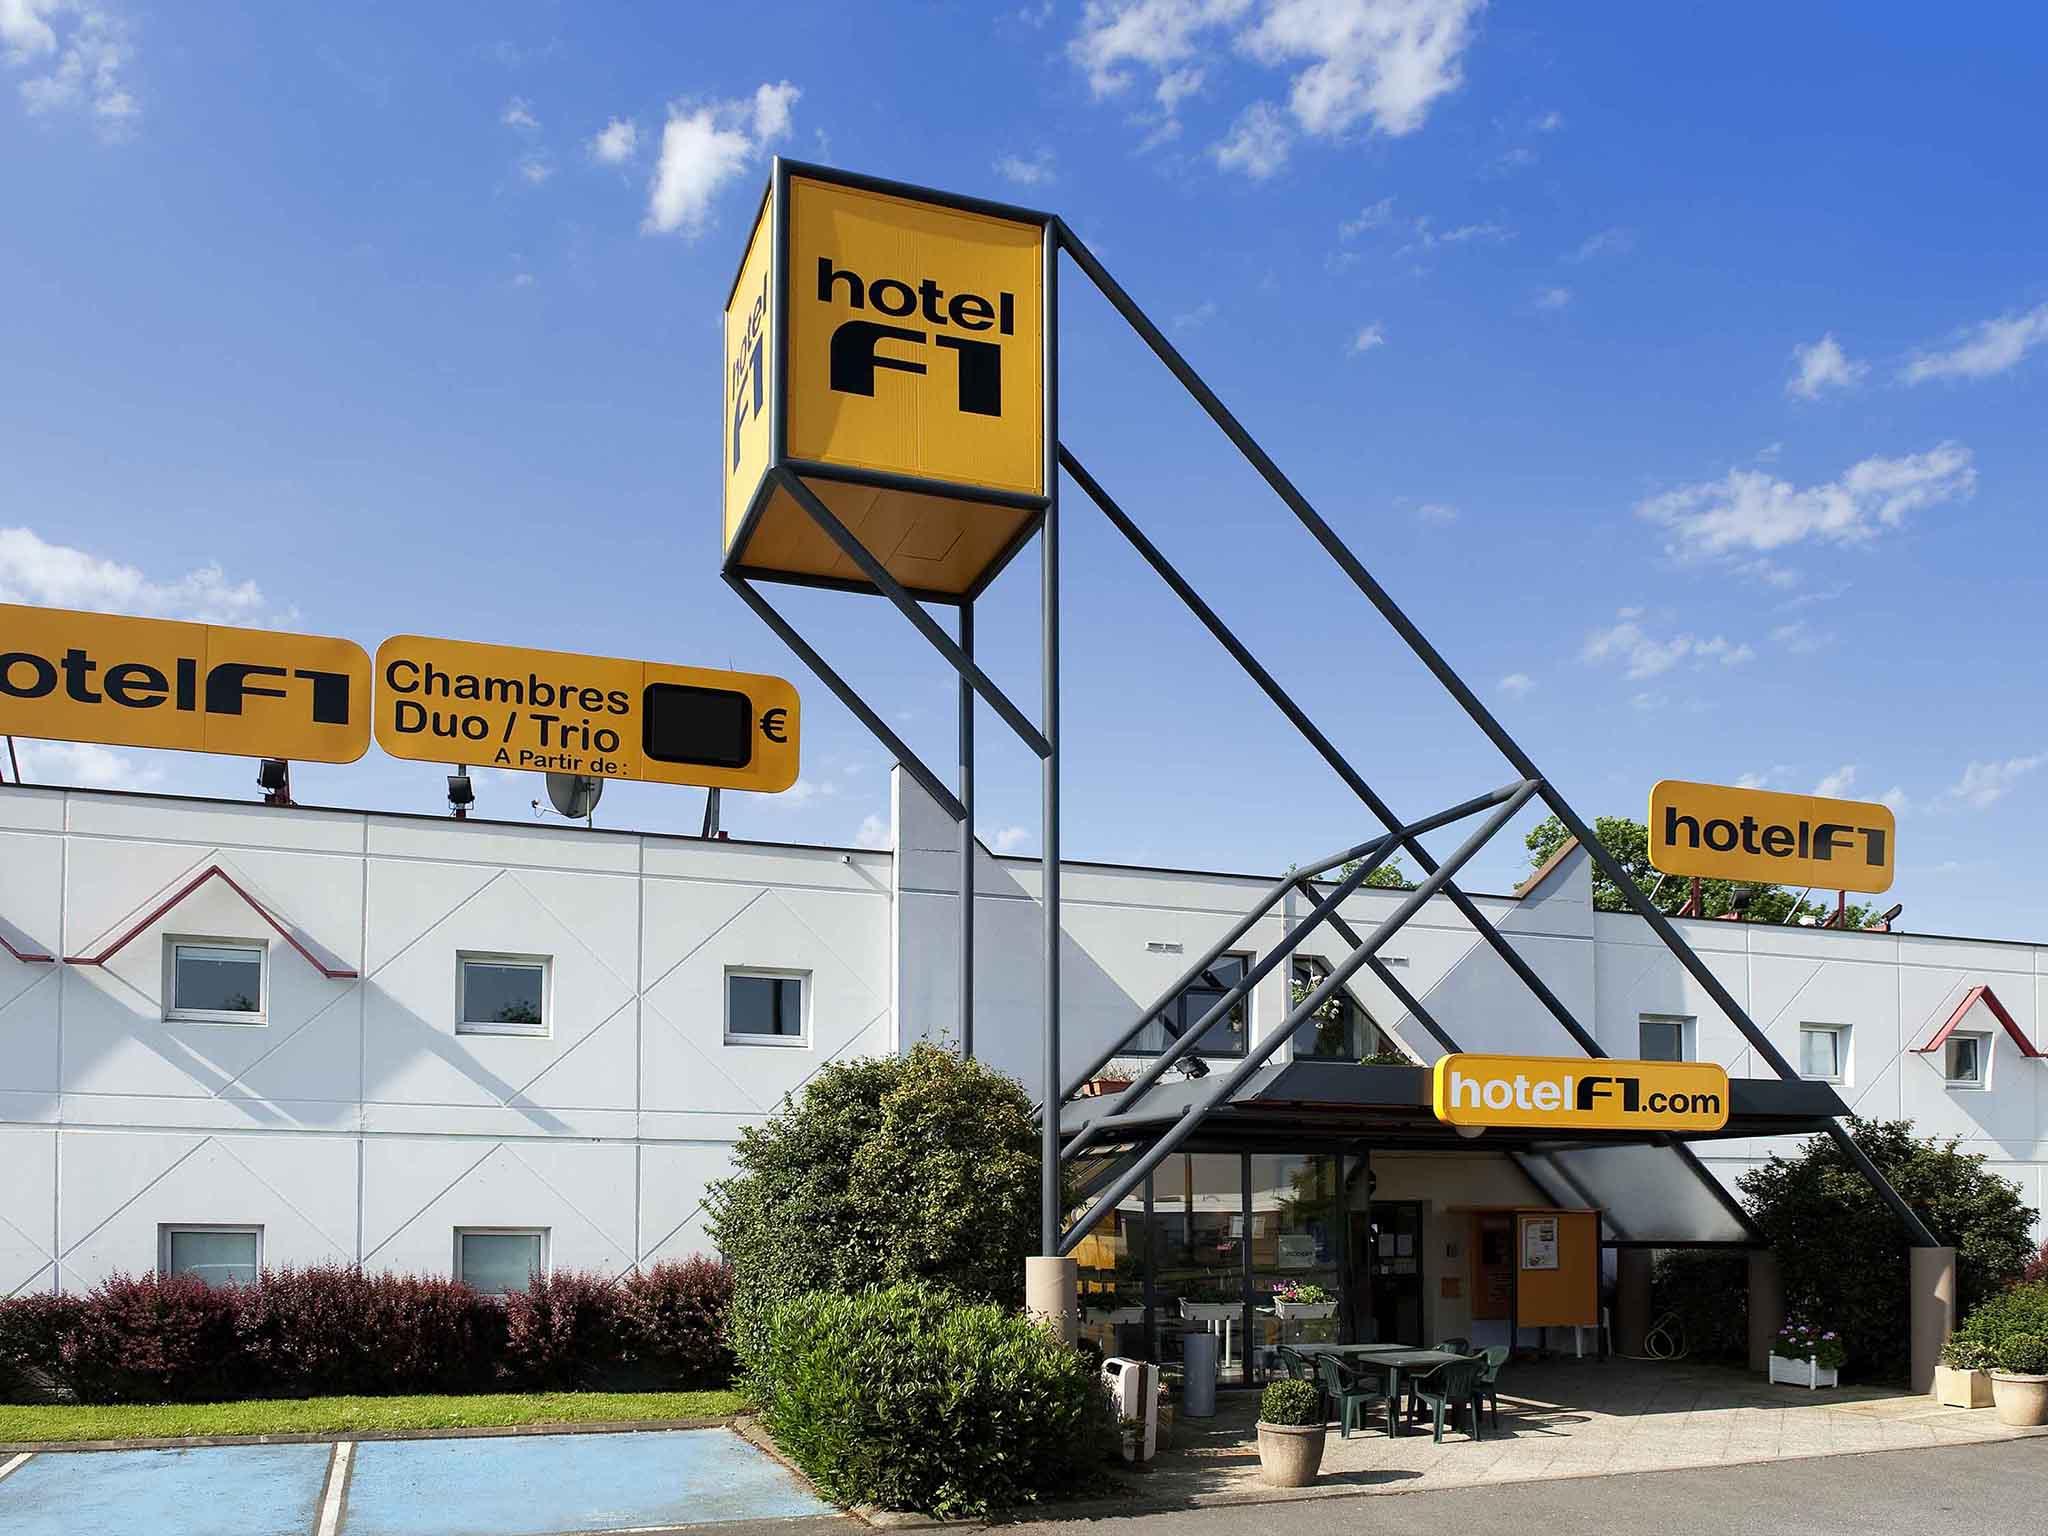 Otel – hotelF1 Saint-Dié-des-Vosges